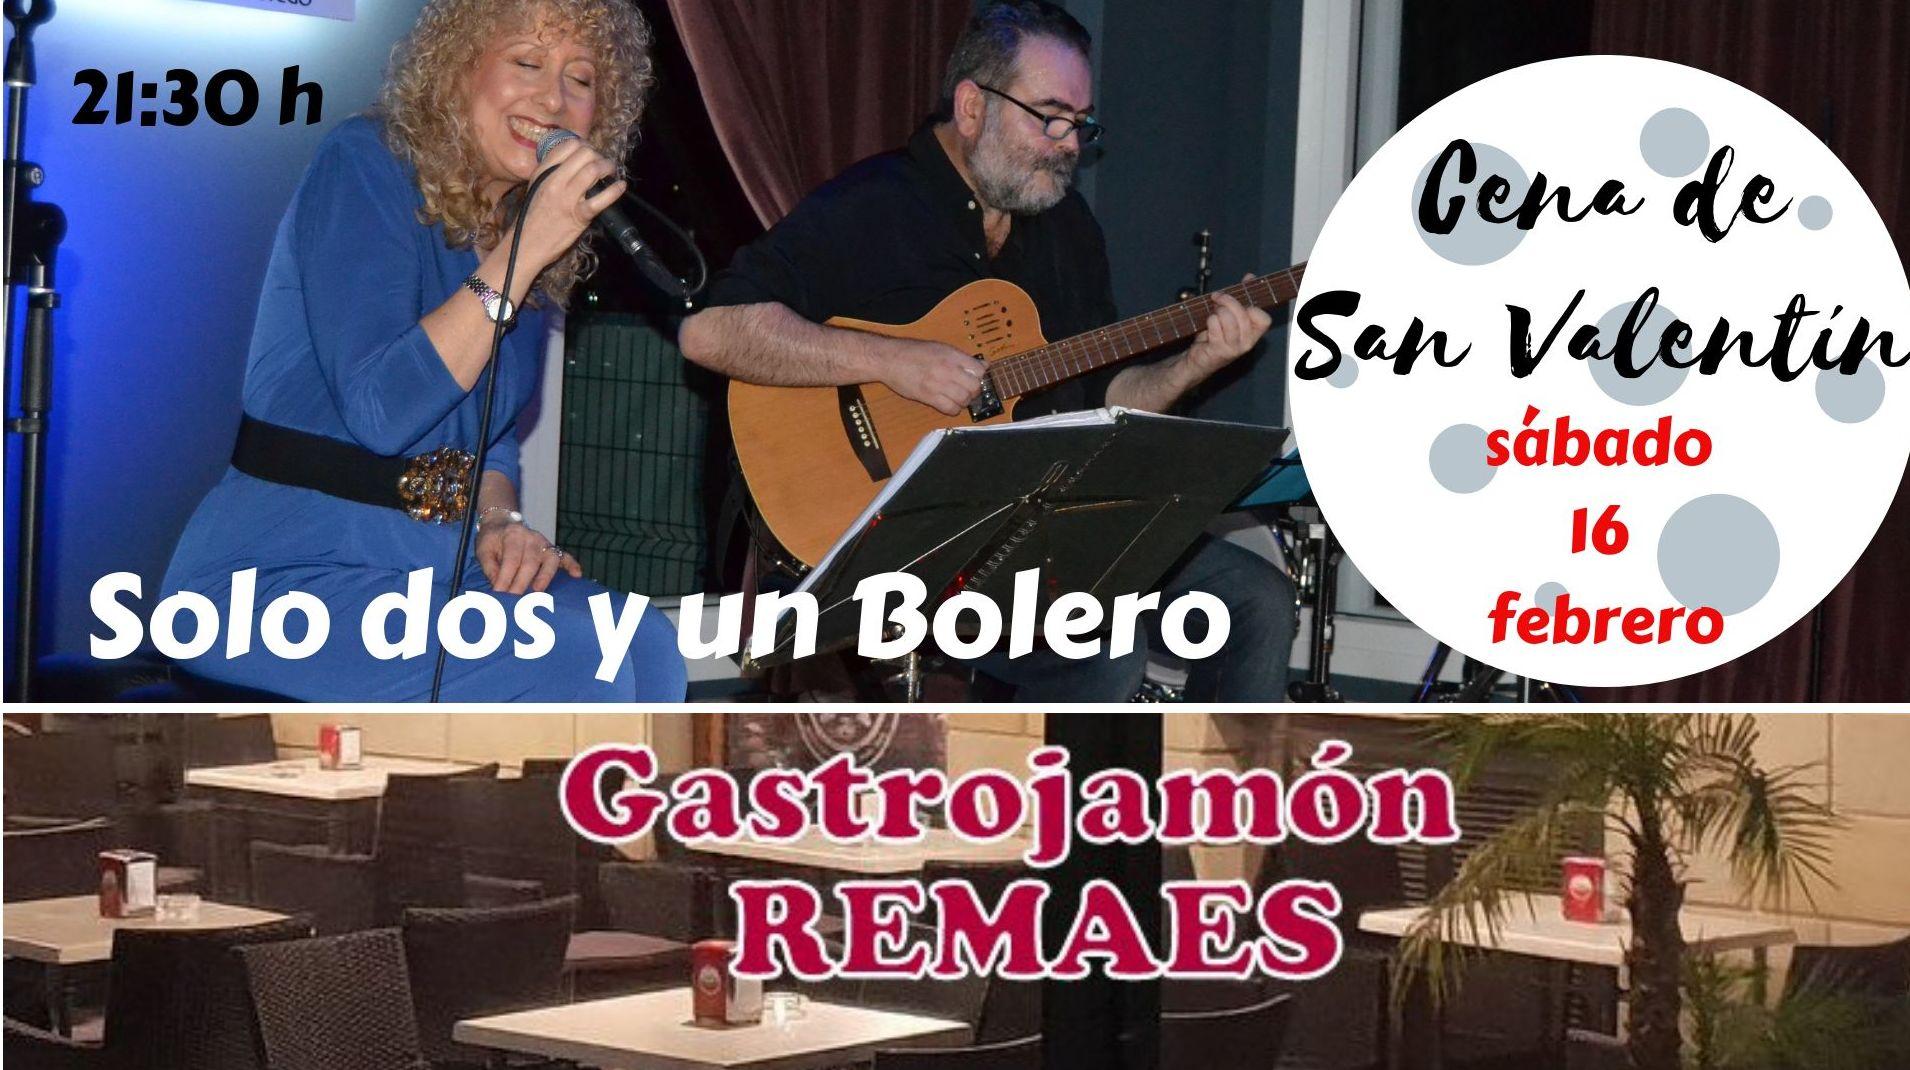 Foto 3 de Jamón en  | Remaes Gastrojamón